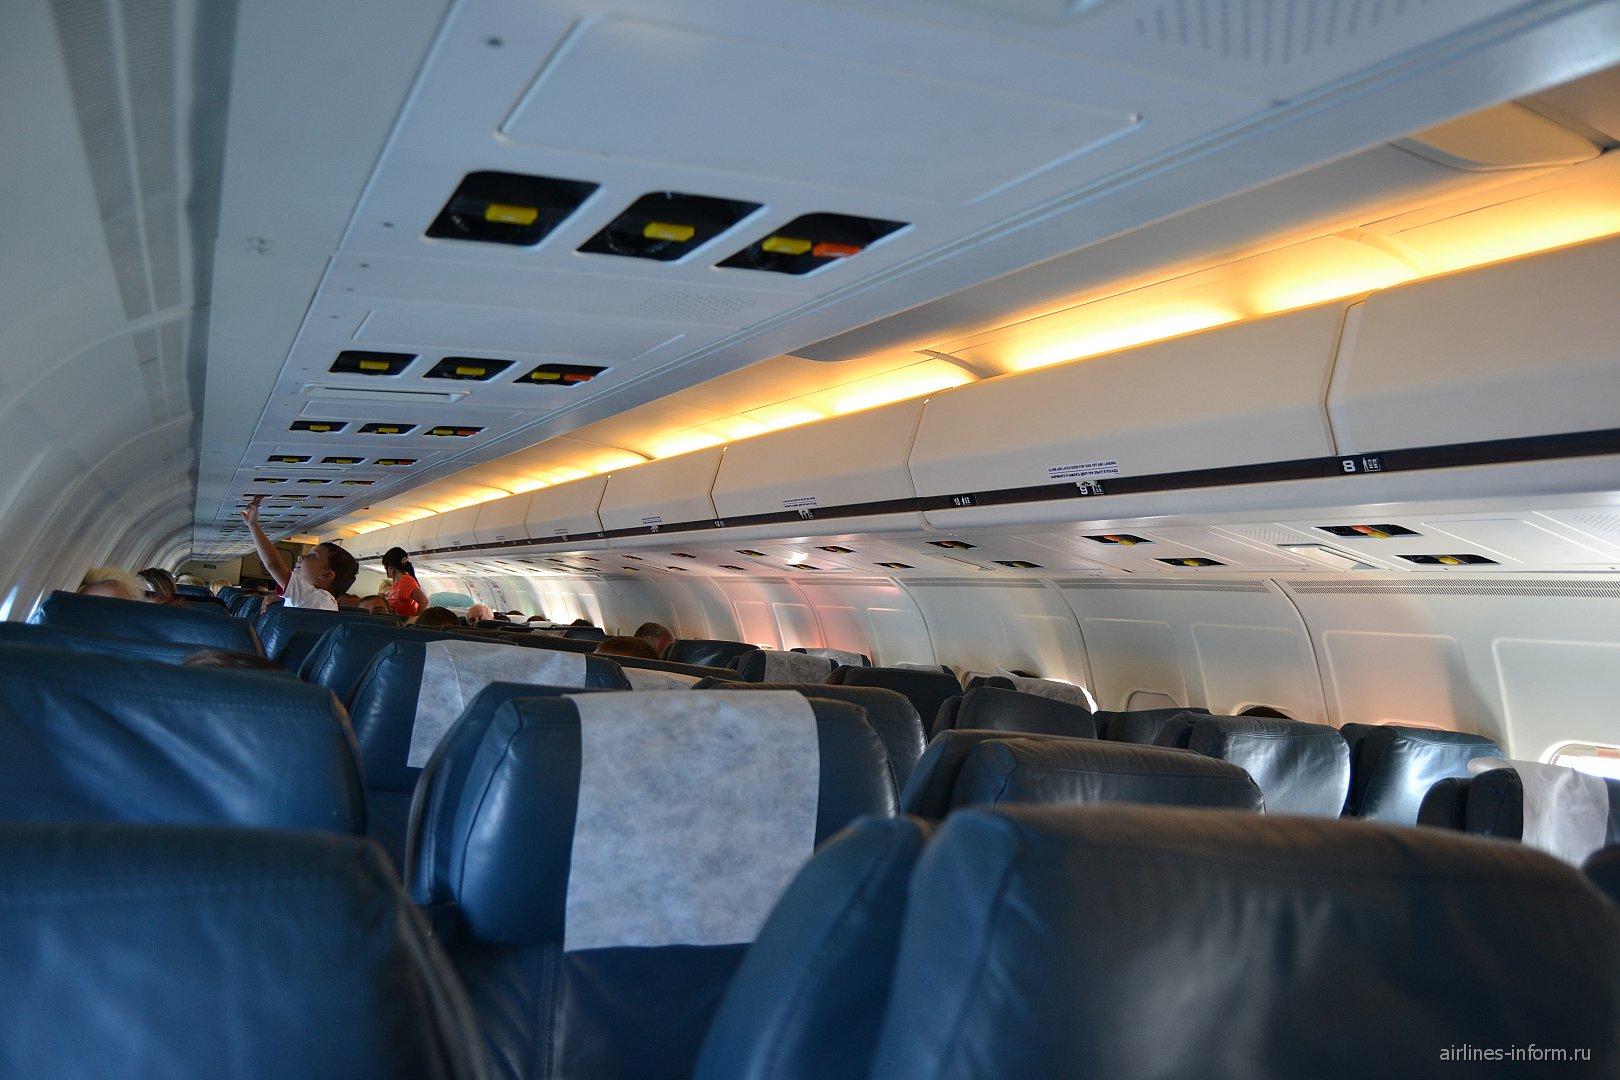 Салон самолета MD-83 компании Авиатранс К